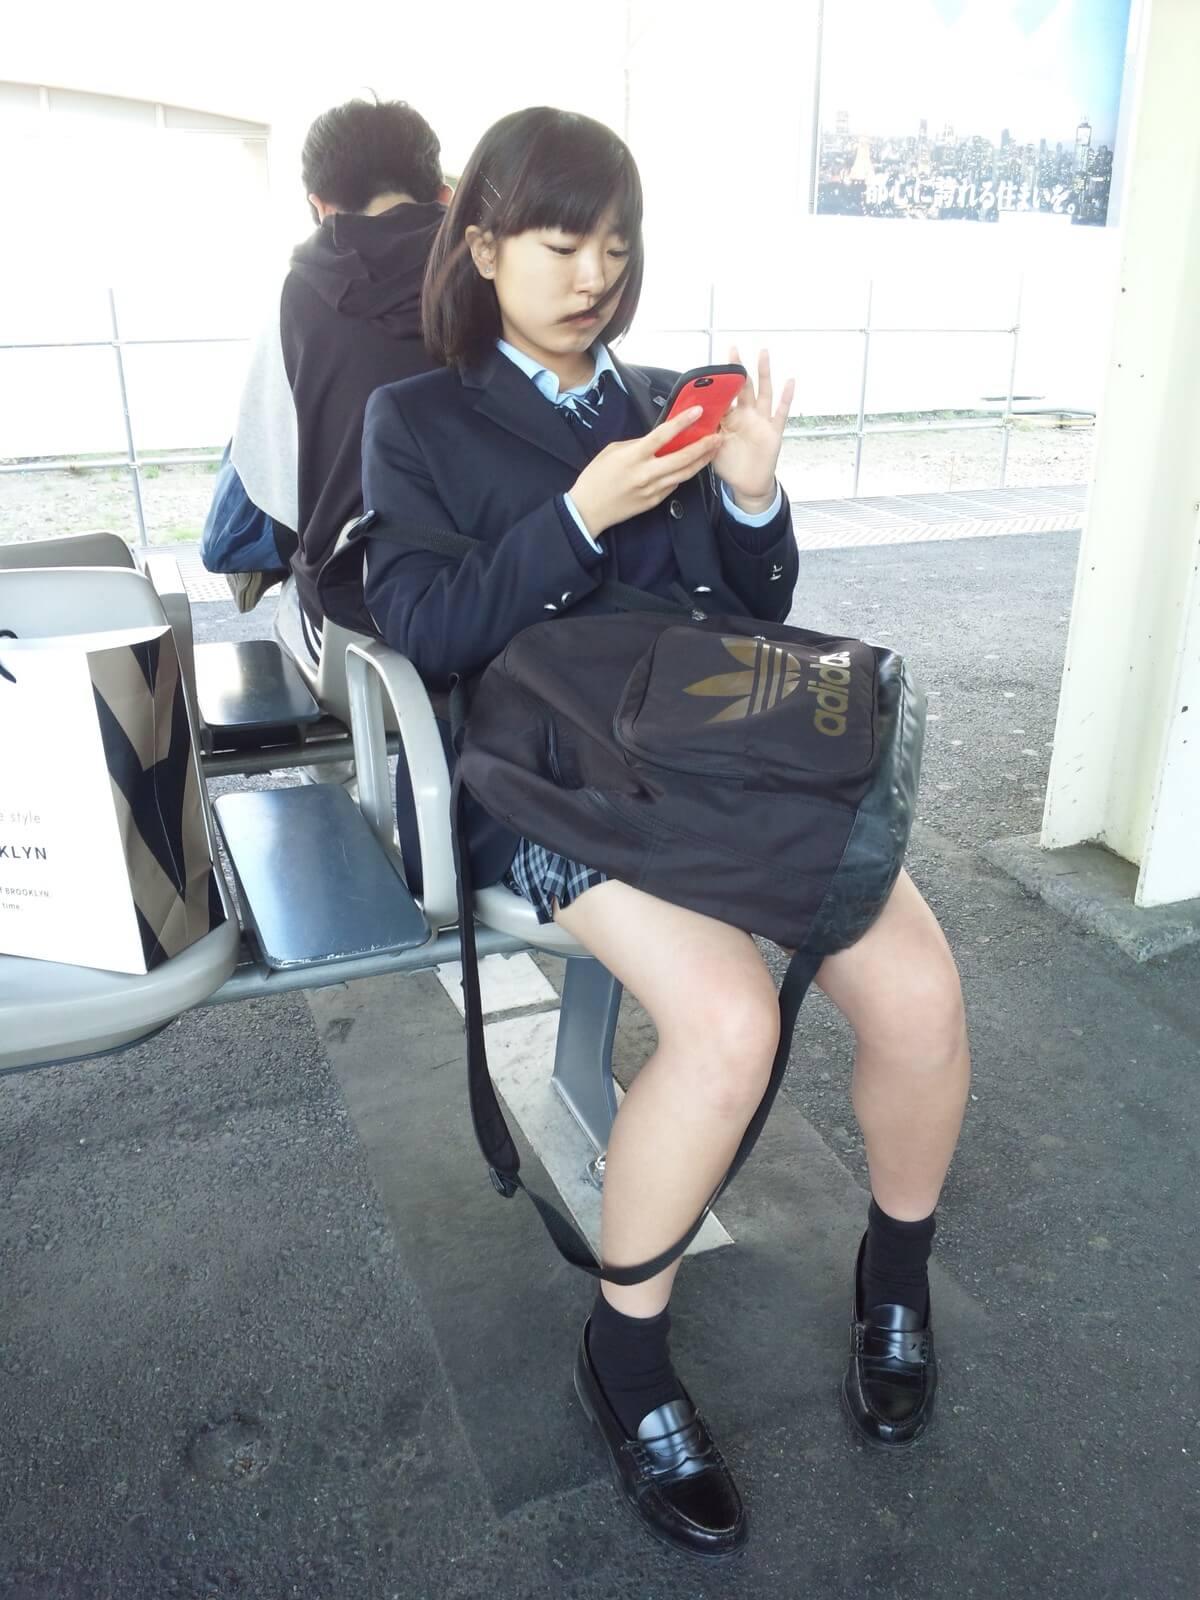 【画像】女子高生が座った後の温もりで勃起奴www